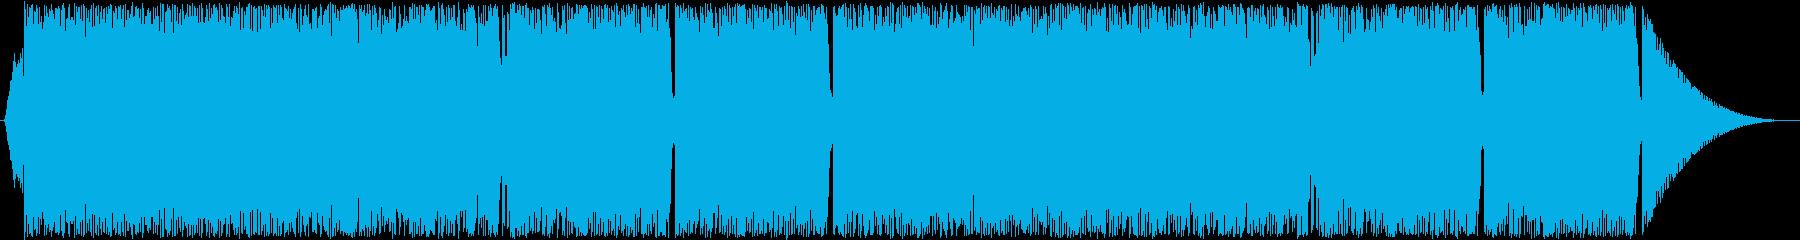 テクノ・トランス風ロックの再生済みの波形